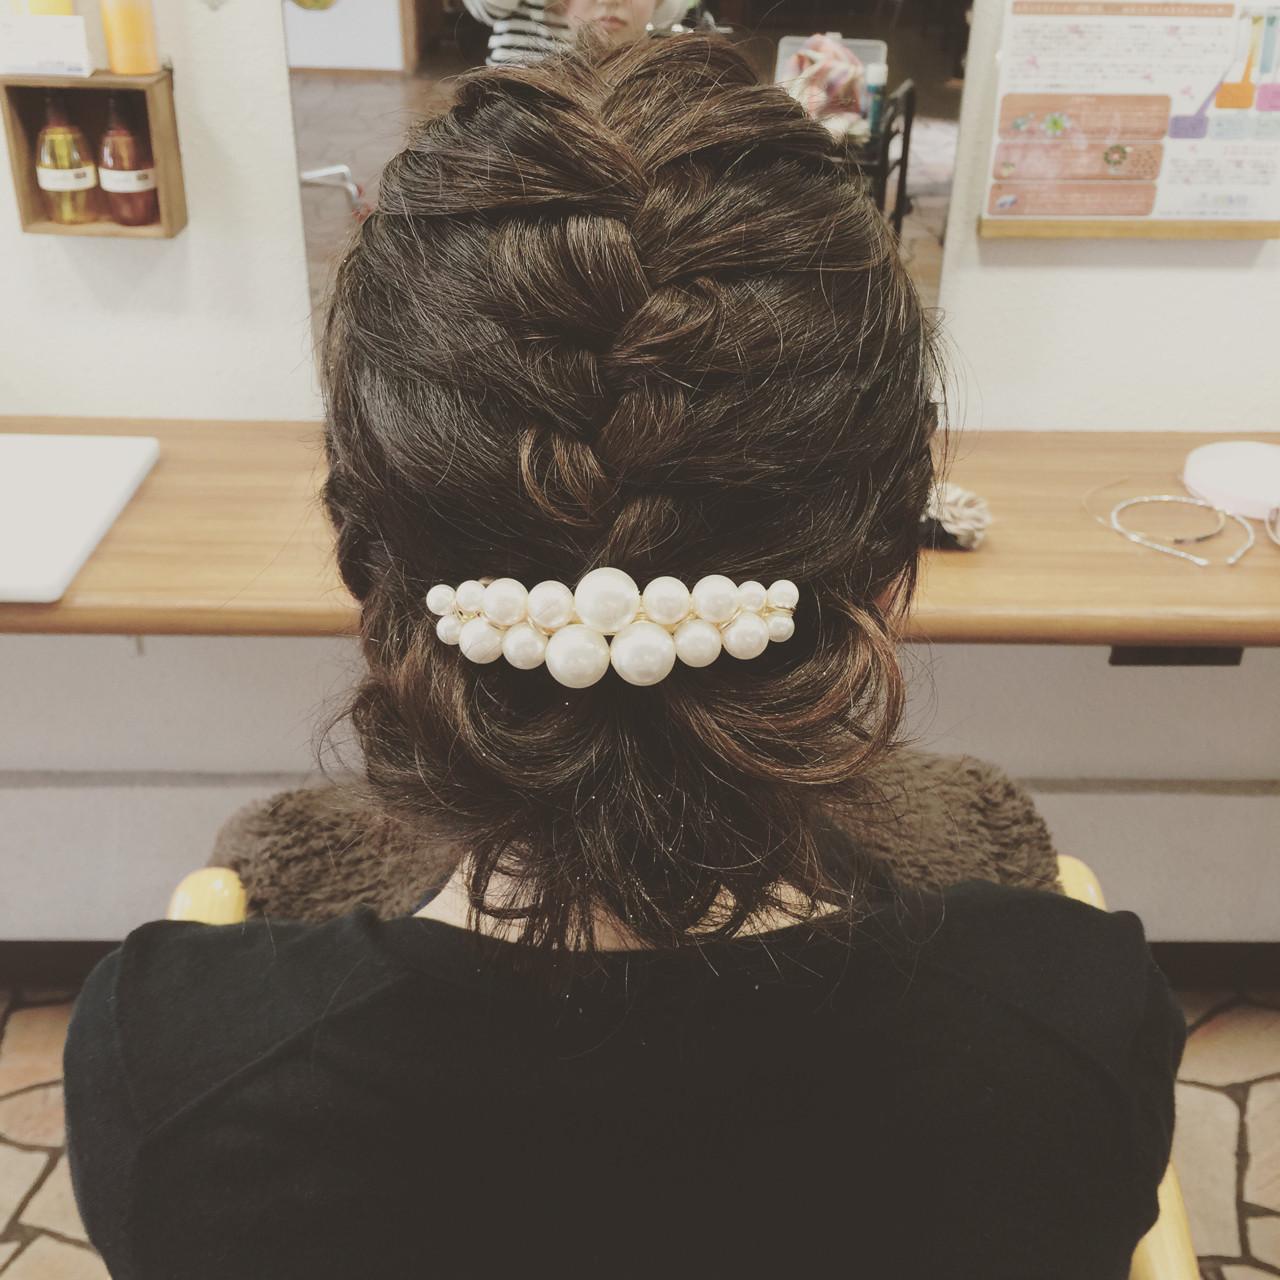 ショート 編み込み ヘアアレンジ 結婚式 ヘアスタイルや髪型の写真・画像